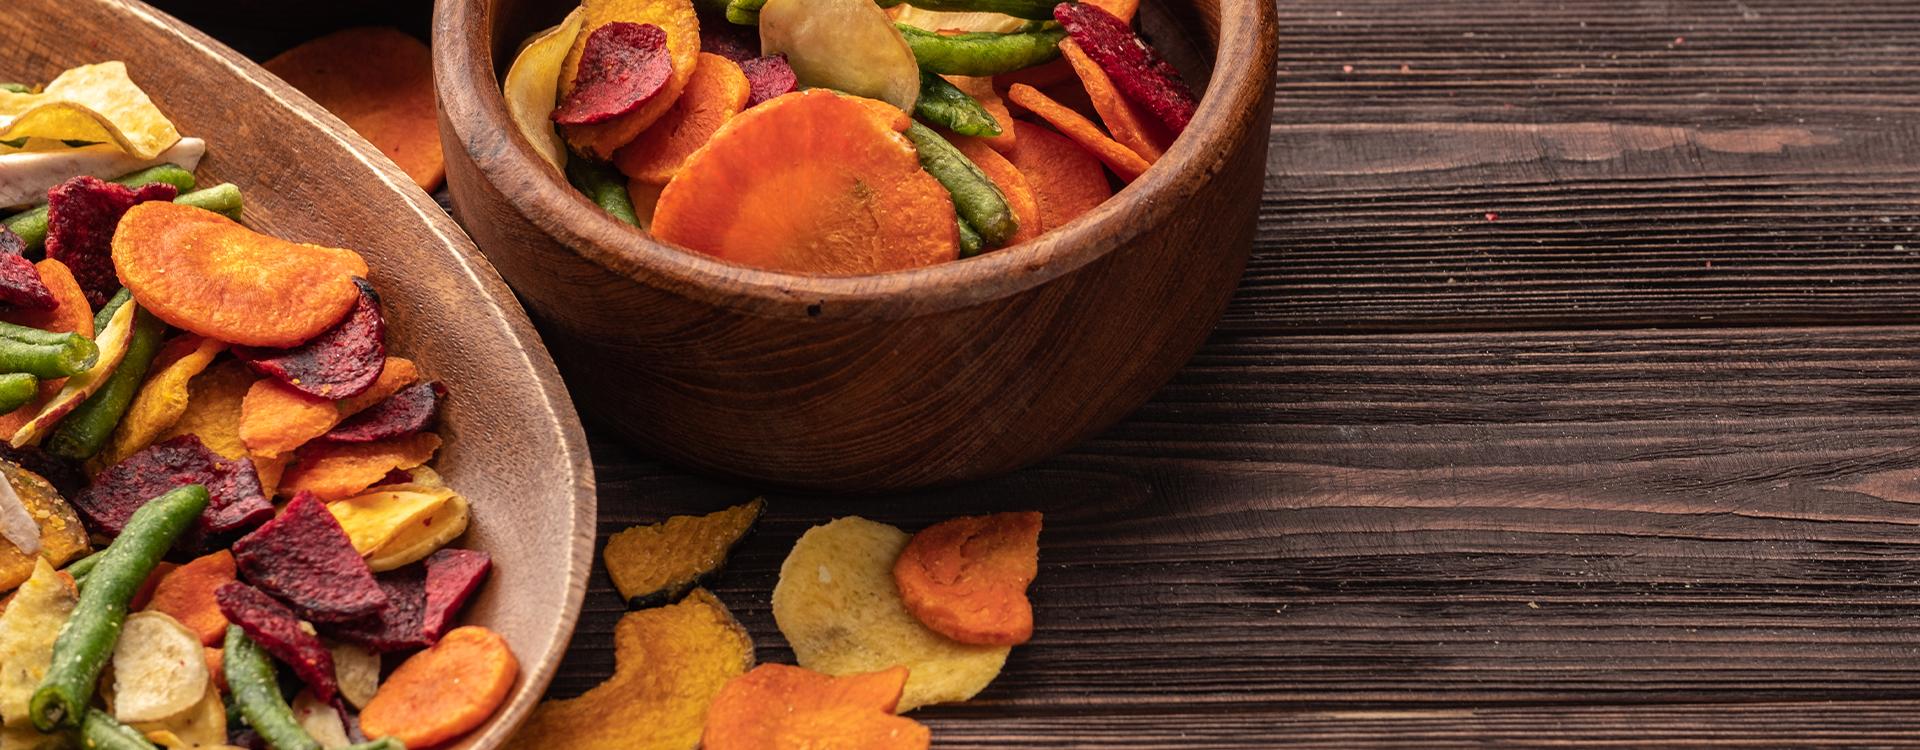 Domowe czipsy warzywne - zróbcie to sami!